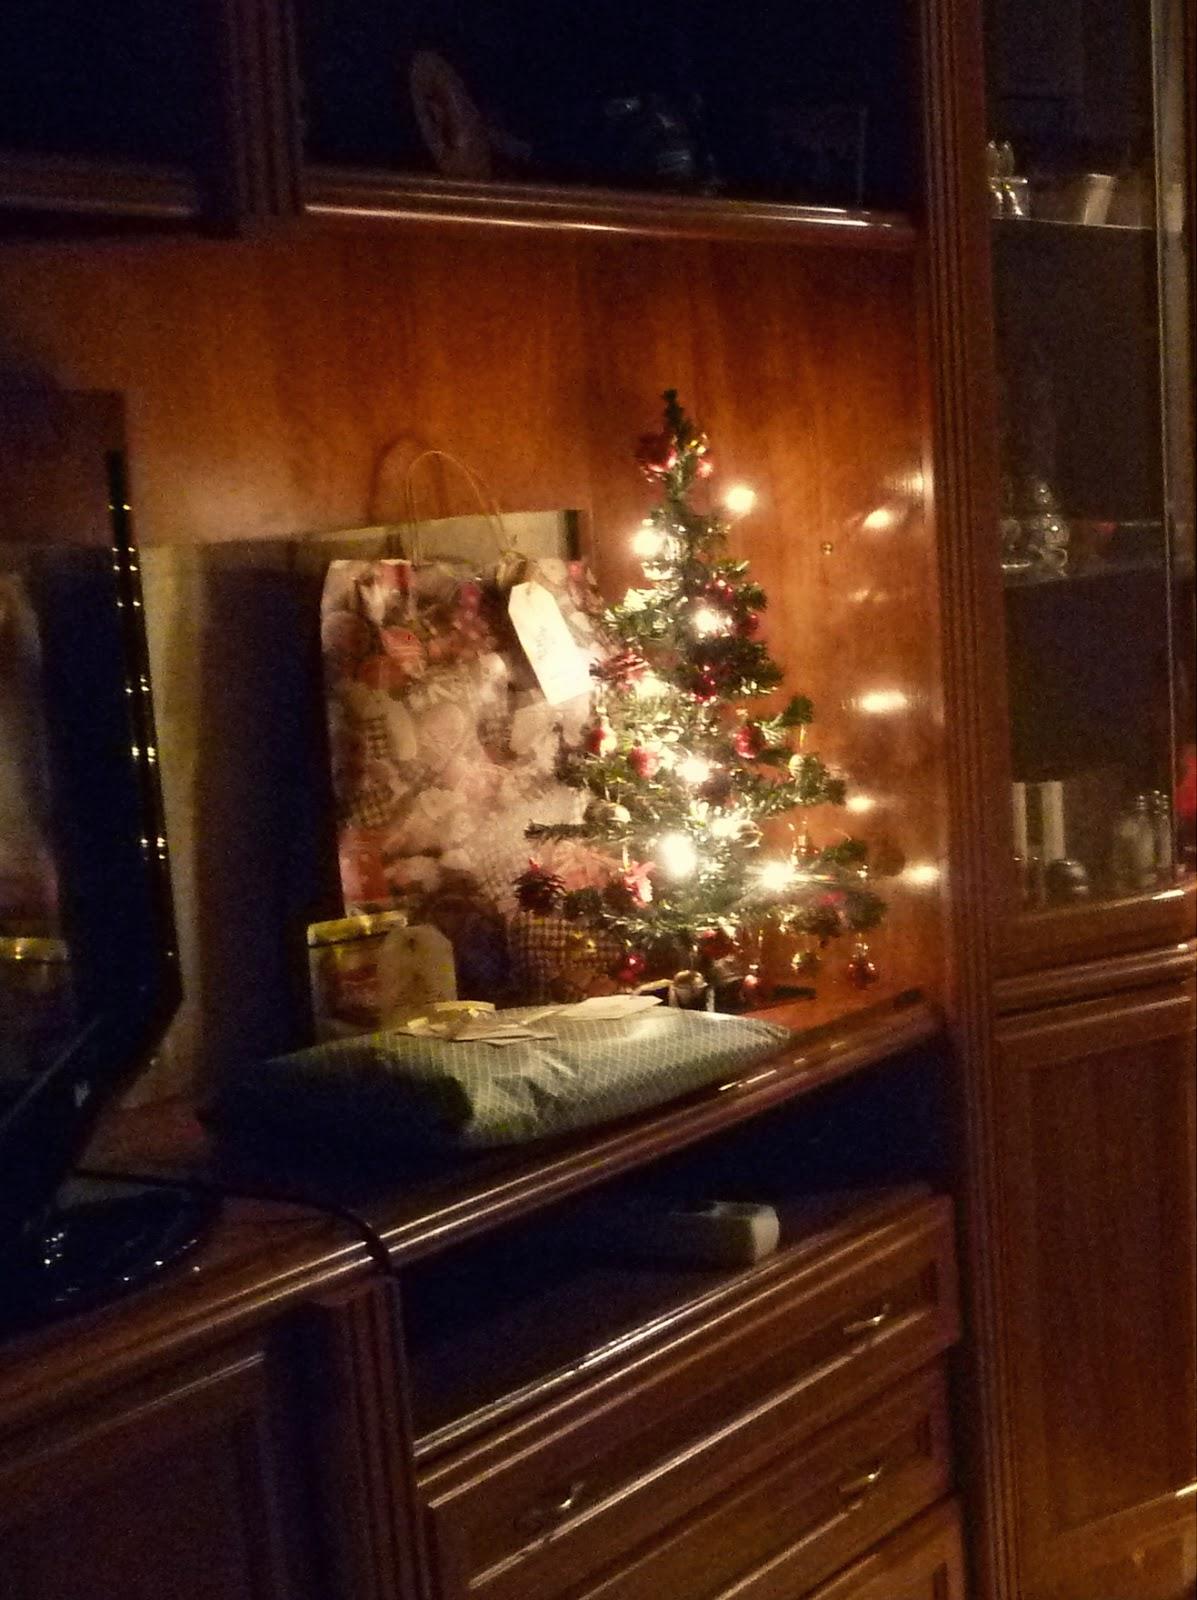 Regalos alrededor de un arbolito de navidad